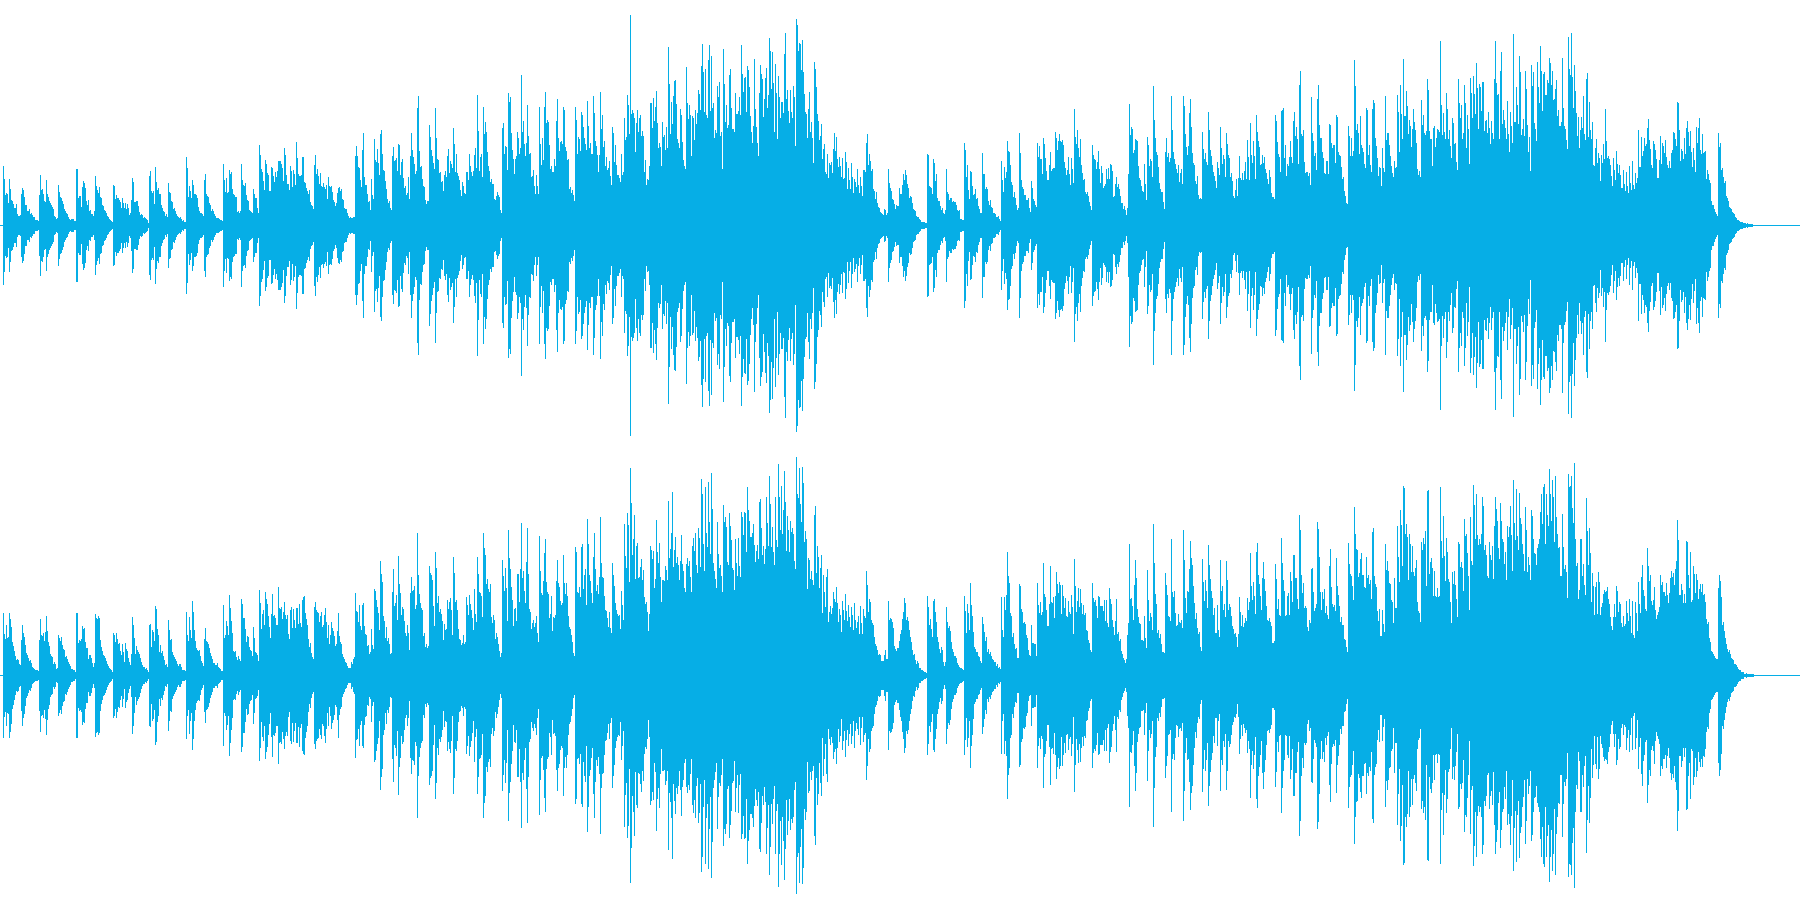 冷たいナチュラル・アンビエントの再生済みの波形